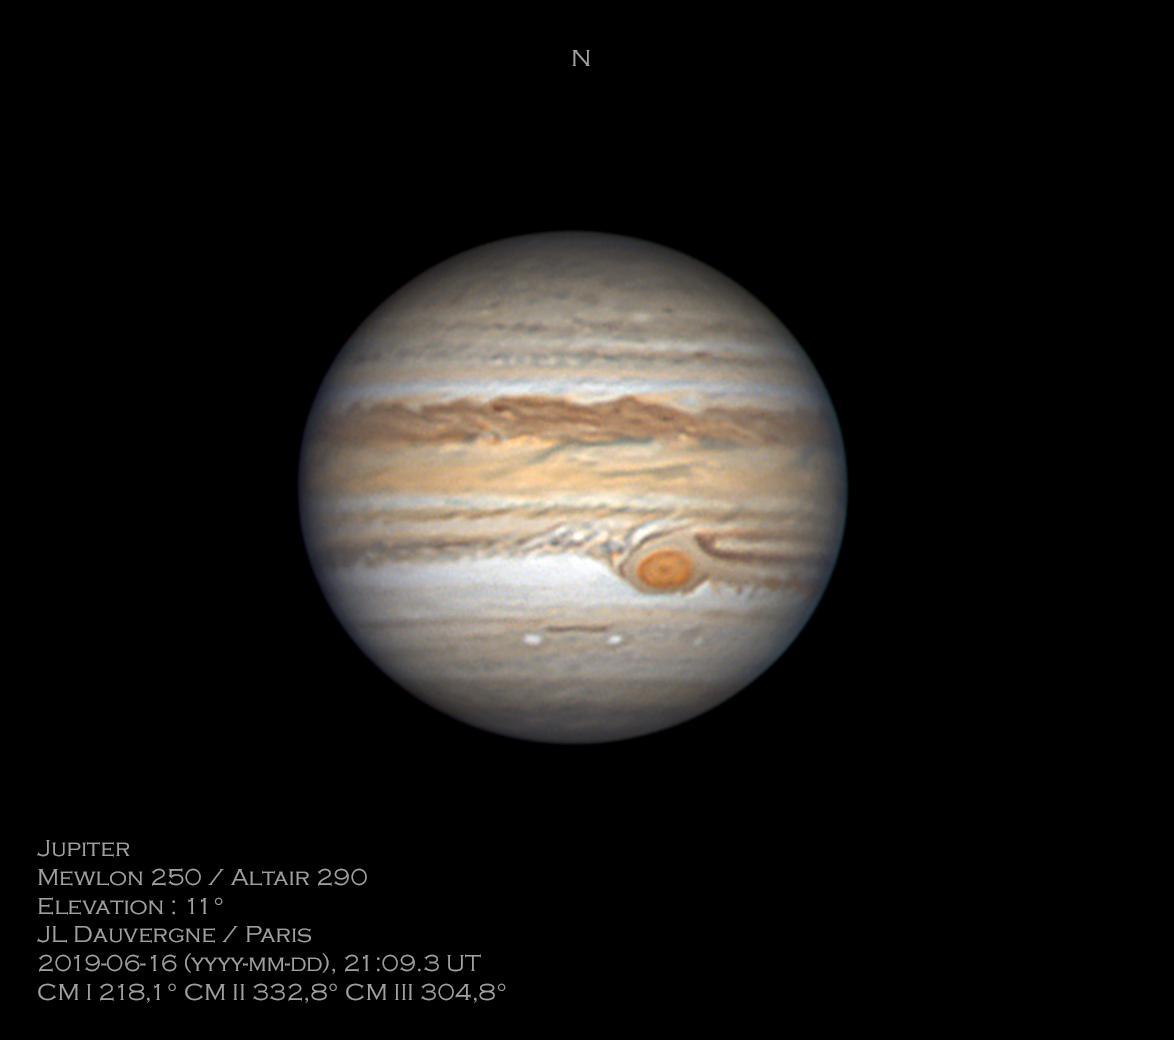 2019-06-16-2109_3-L2-Jupiter_ALTAIRGP224C_lapl6_ap167 copie.jpg